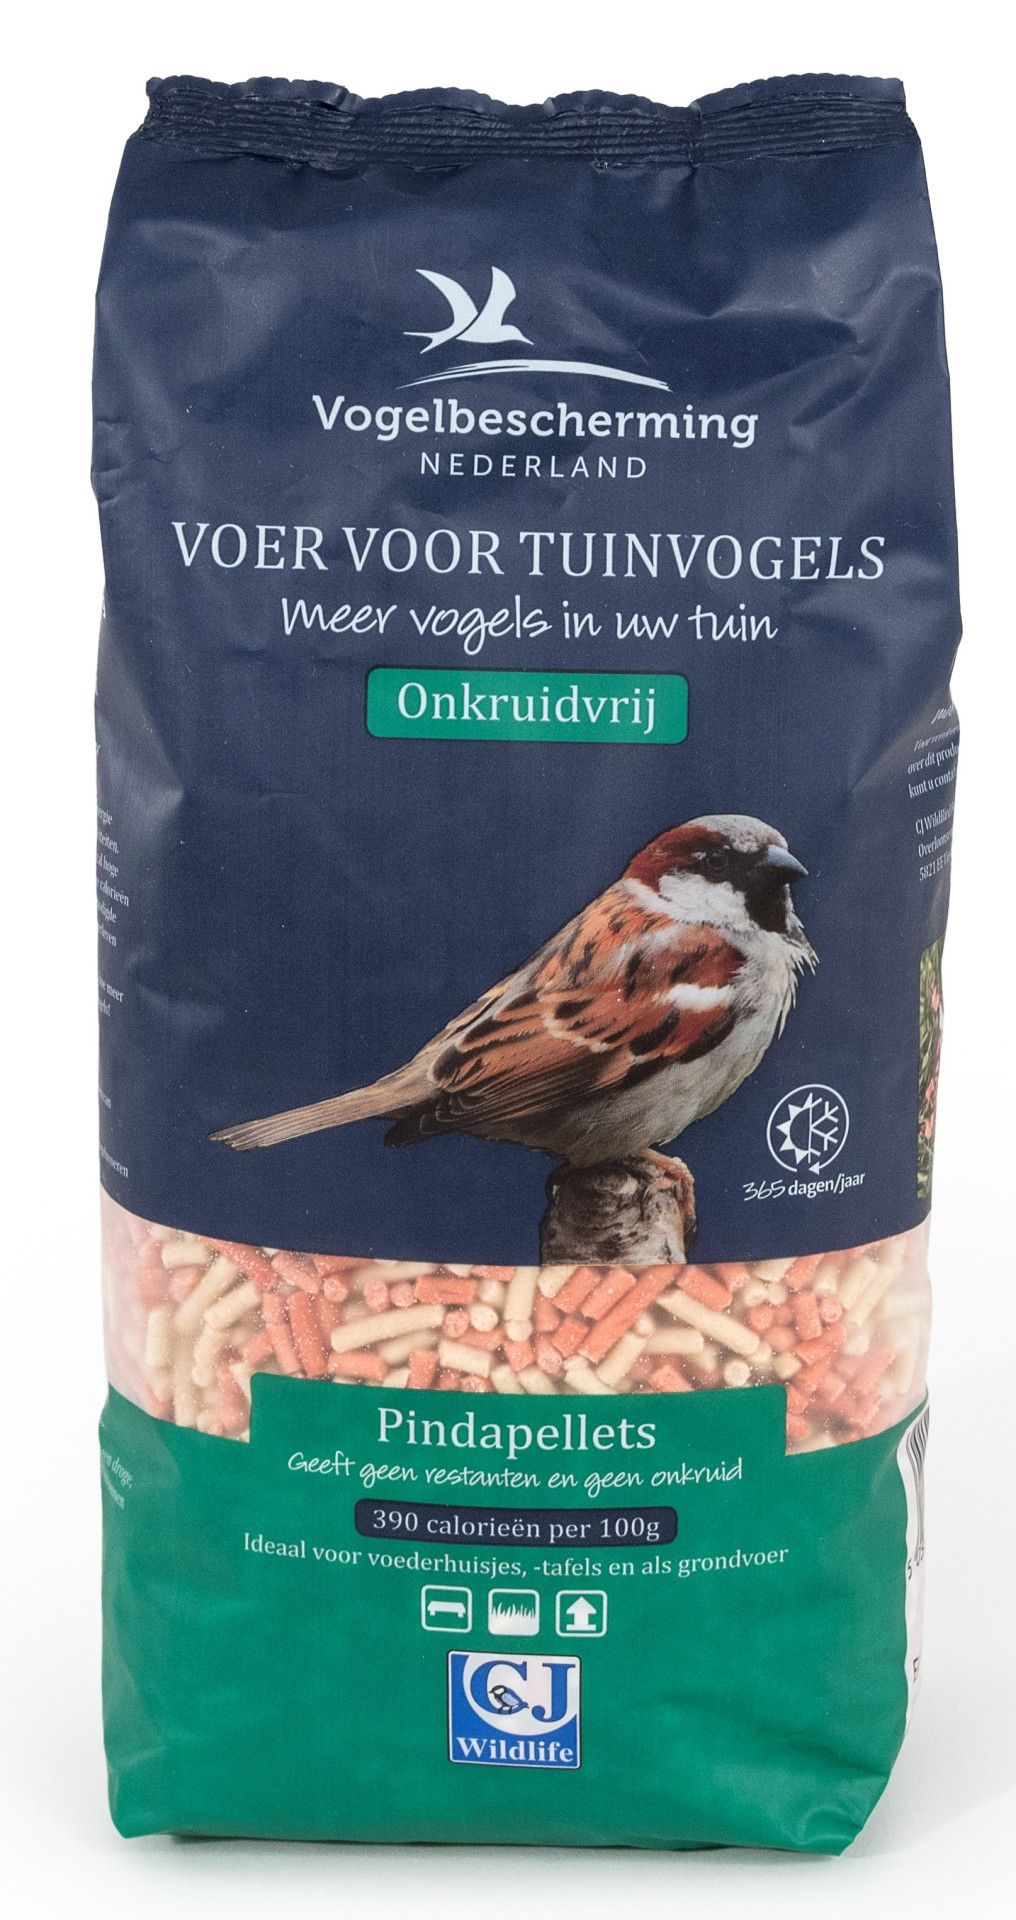 Vogelbescherming Nederland pindapellets 1,75 ltr